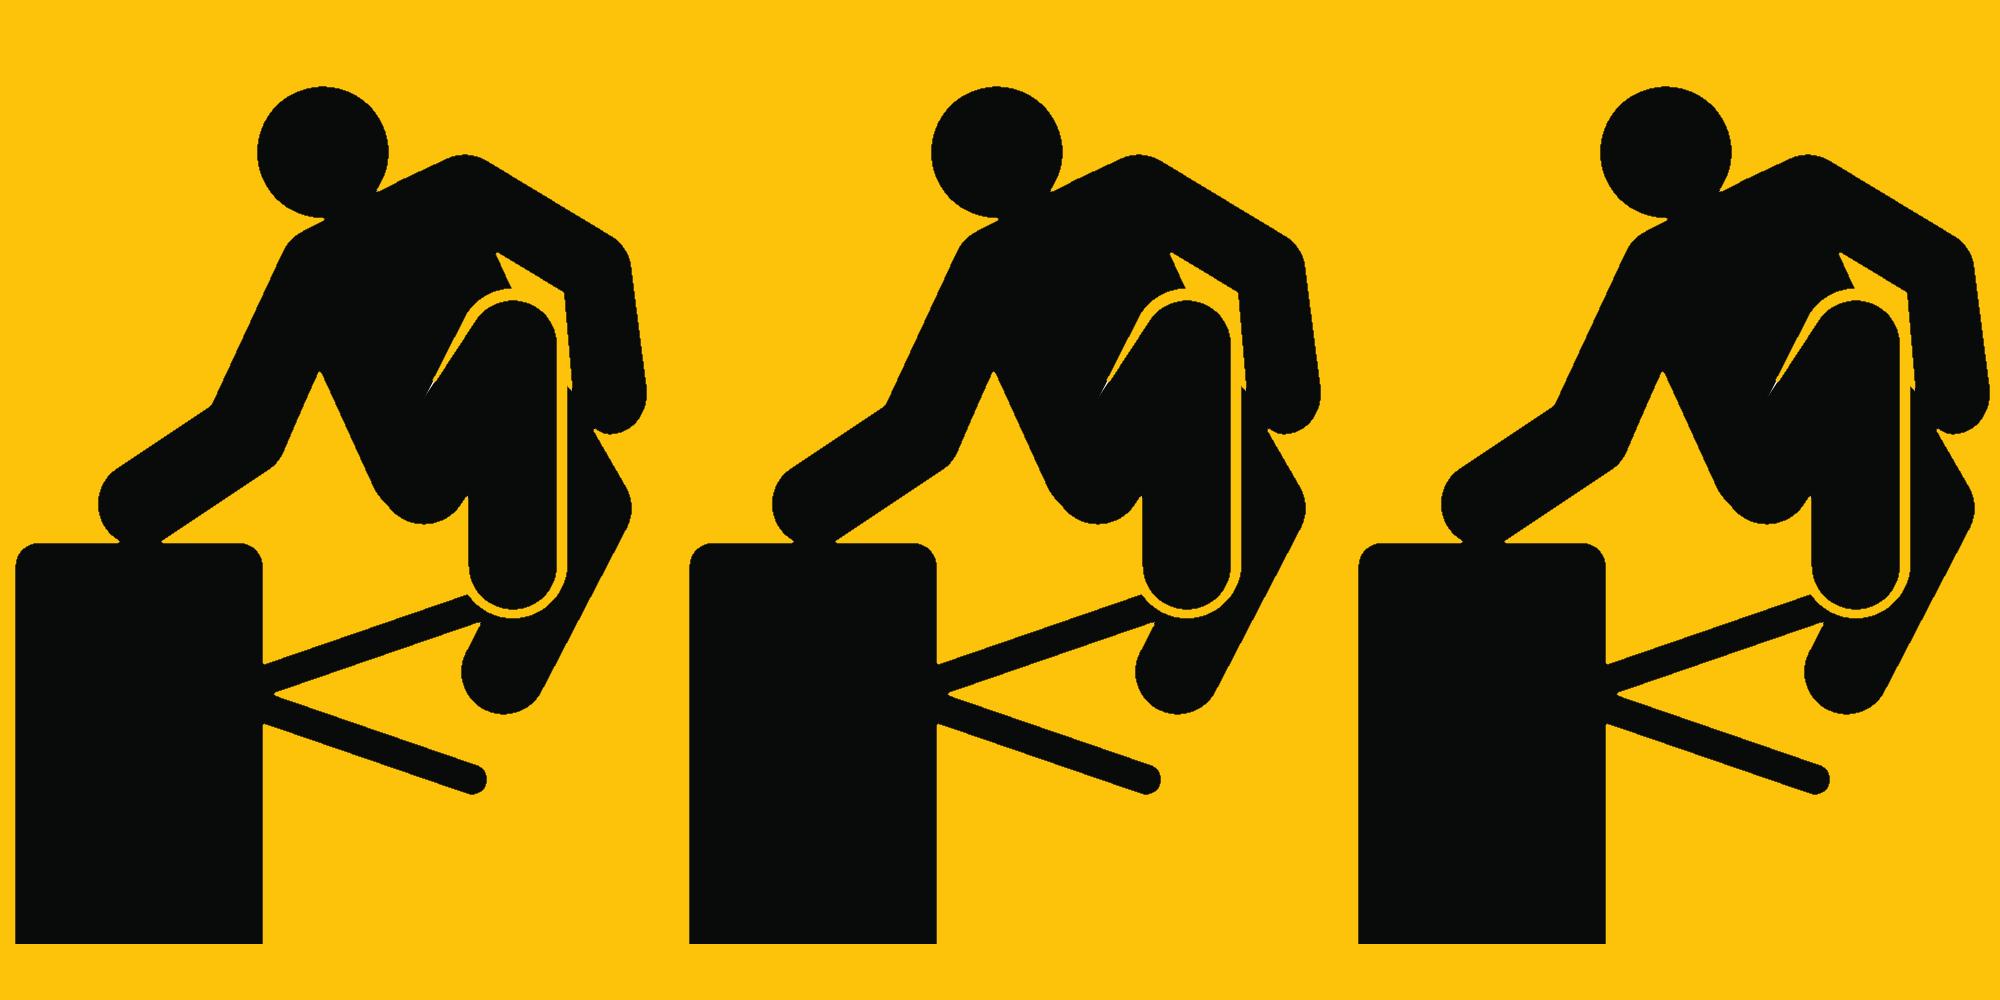 Le vendredi 29 novembre : personne ne paie ! Un appel international pour une grève contre la hausse du coût de la vie